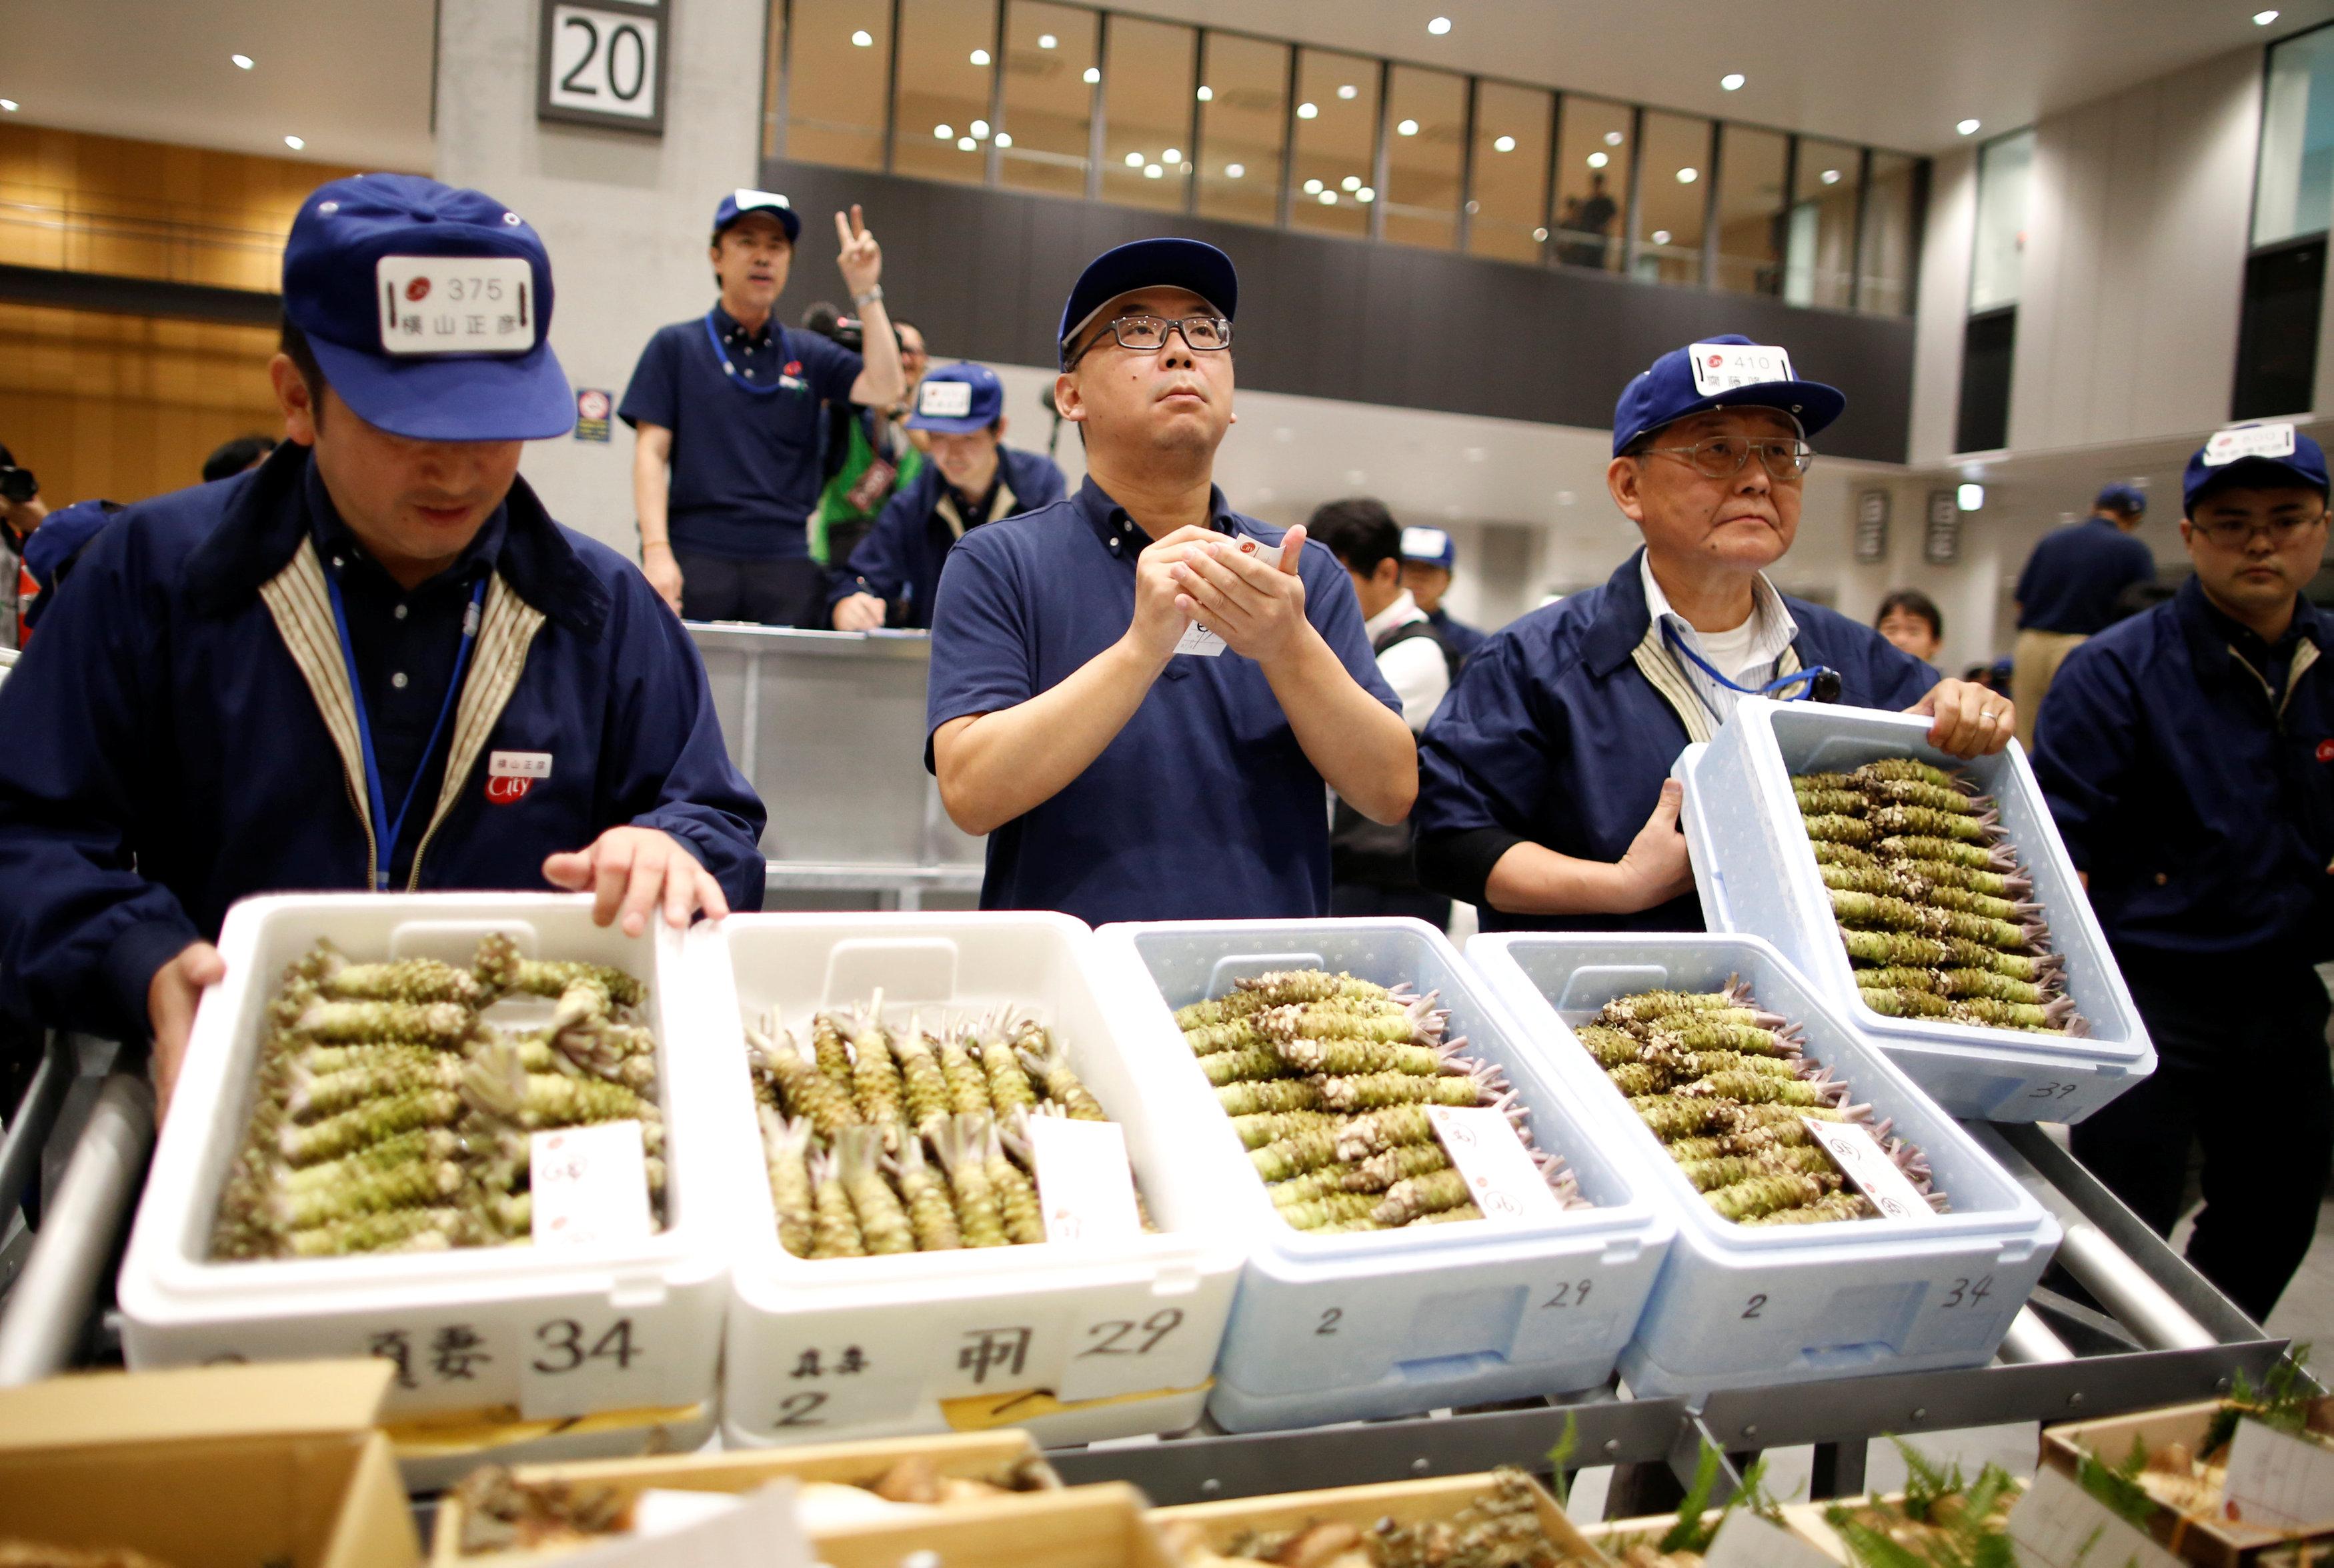 سوق أسماك فى طوكيو